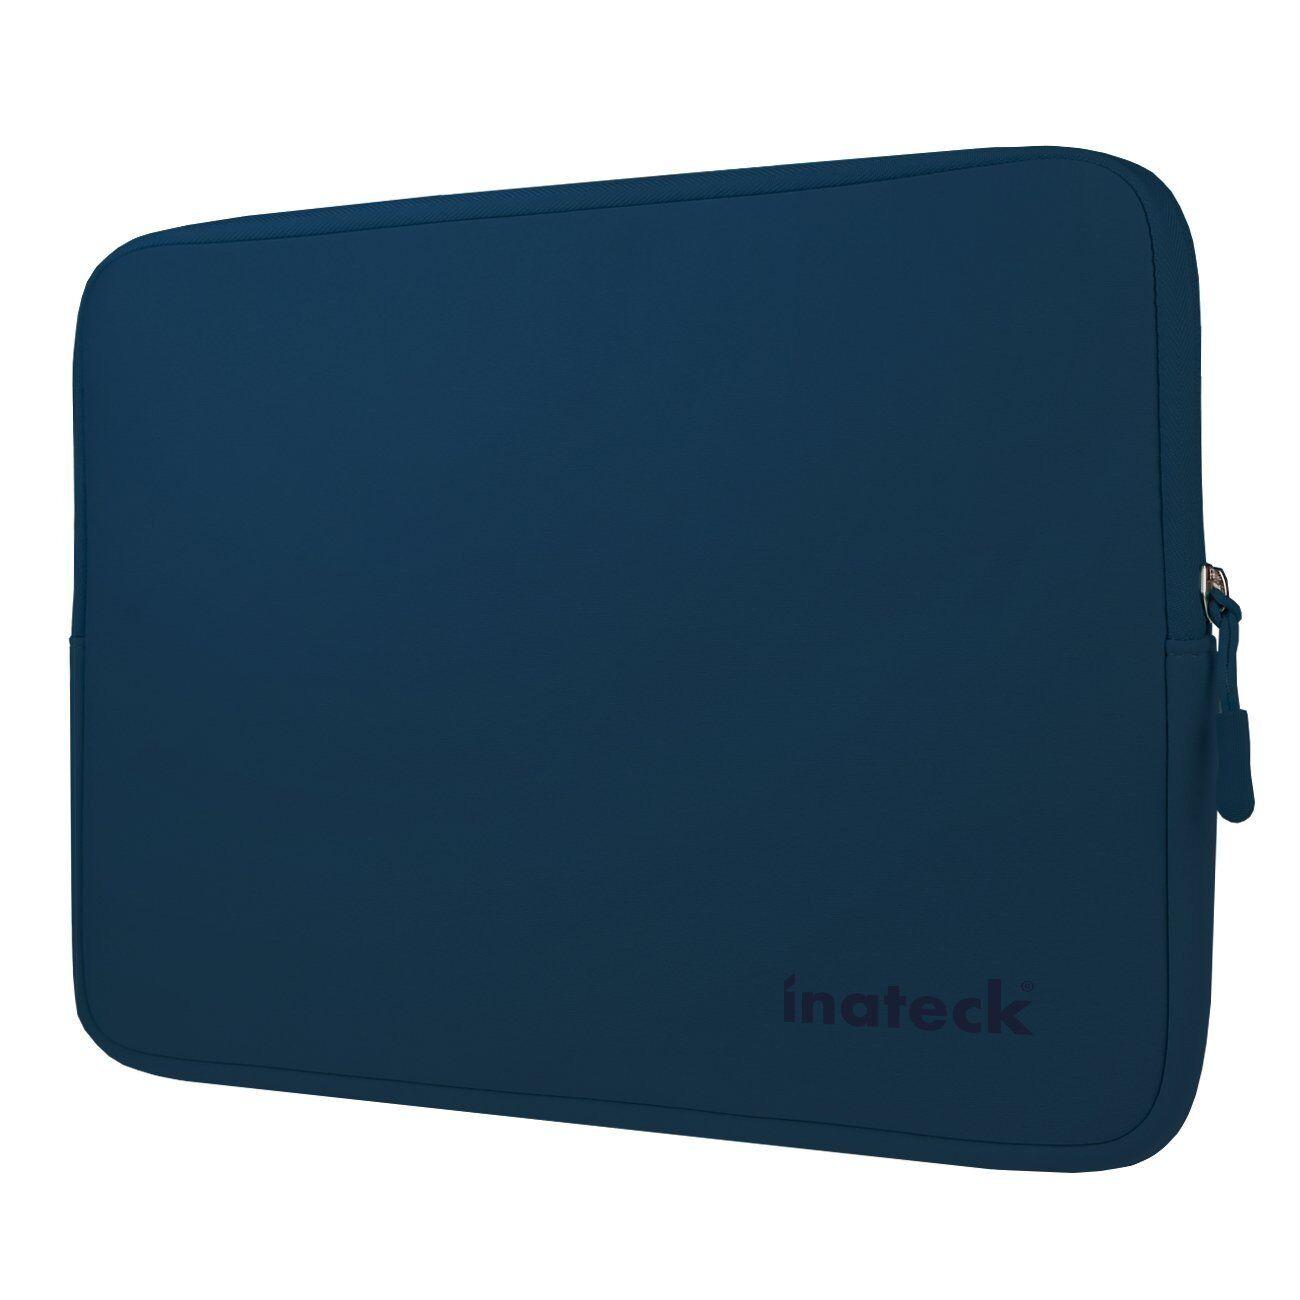 Inateck 15 Zoll Weiche Neopren Laptop Hülle/Tasche/Sleeve Tasche für Laptops